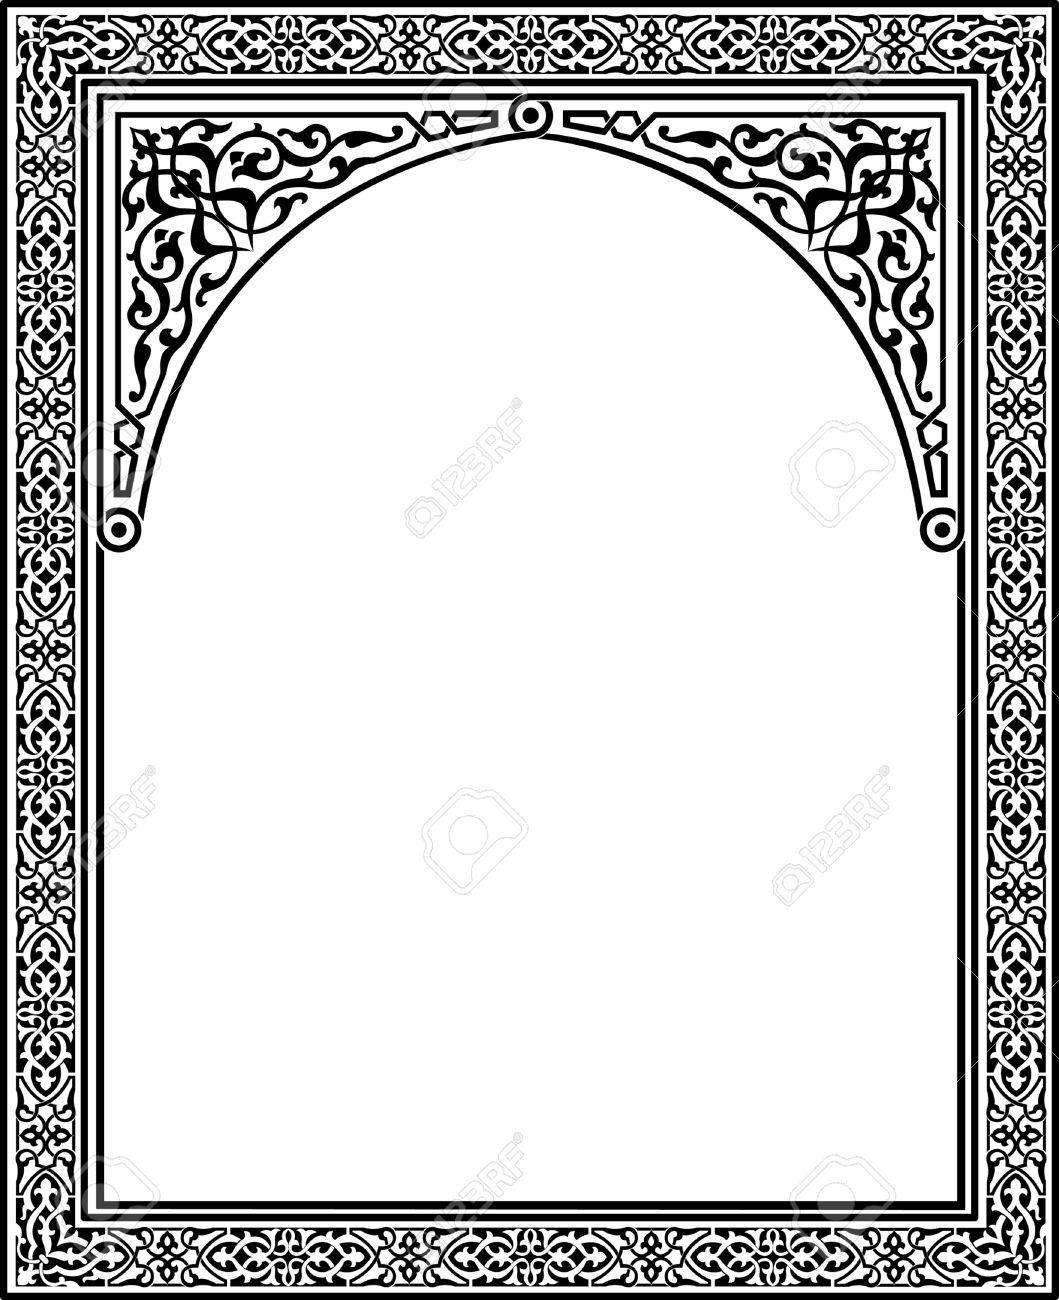 Gambar Bingkai Kaligrafi Arab | Kaligrafi Indah